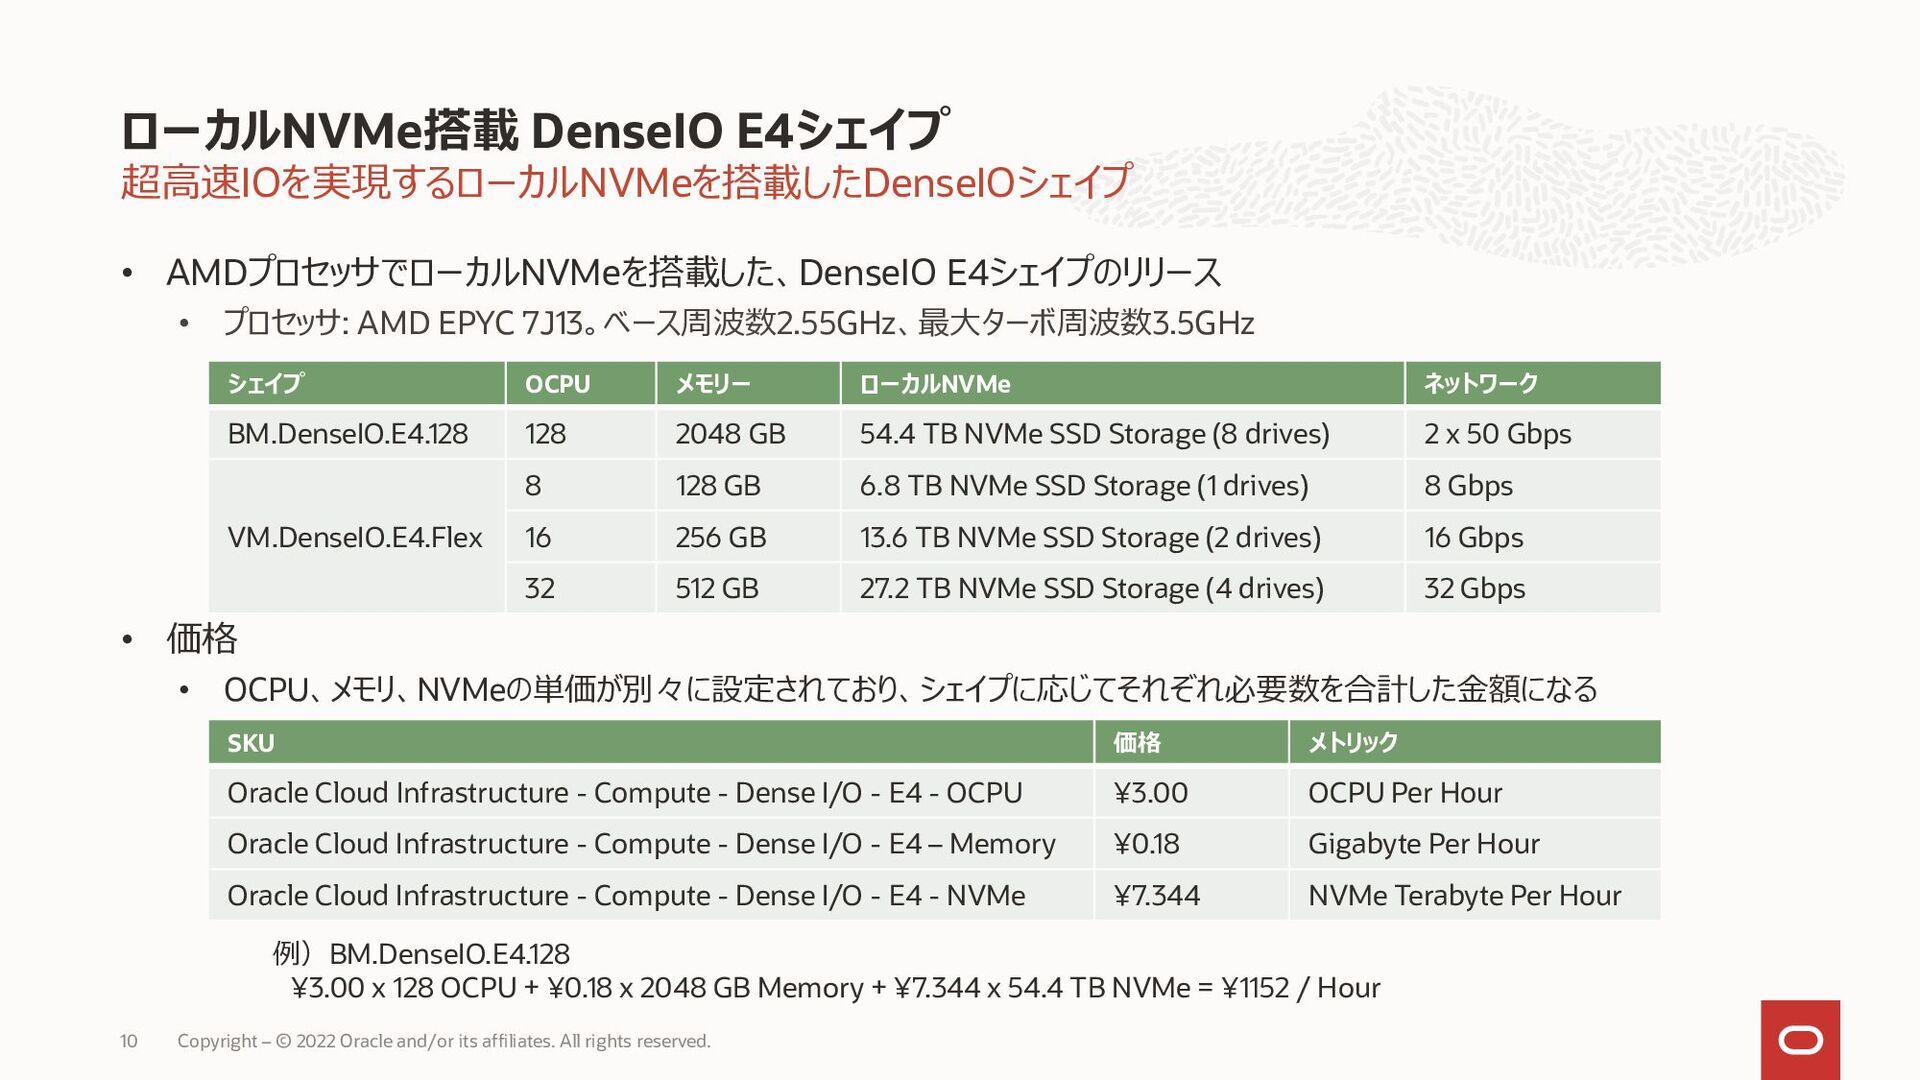 超高速I/Oを実現するローカルNVMeデバイスを配備 コンピュート: Dense I/O イン...